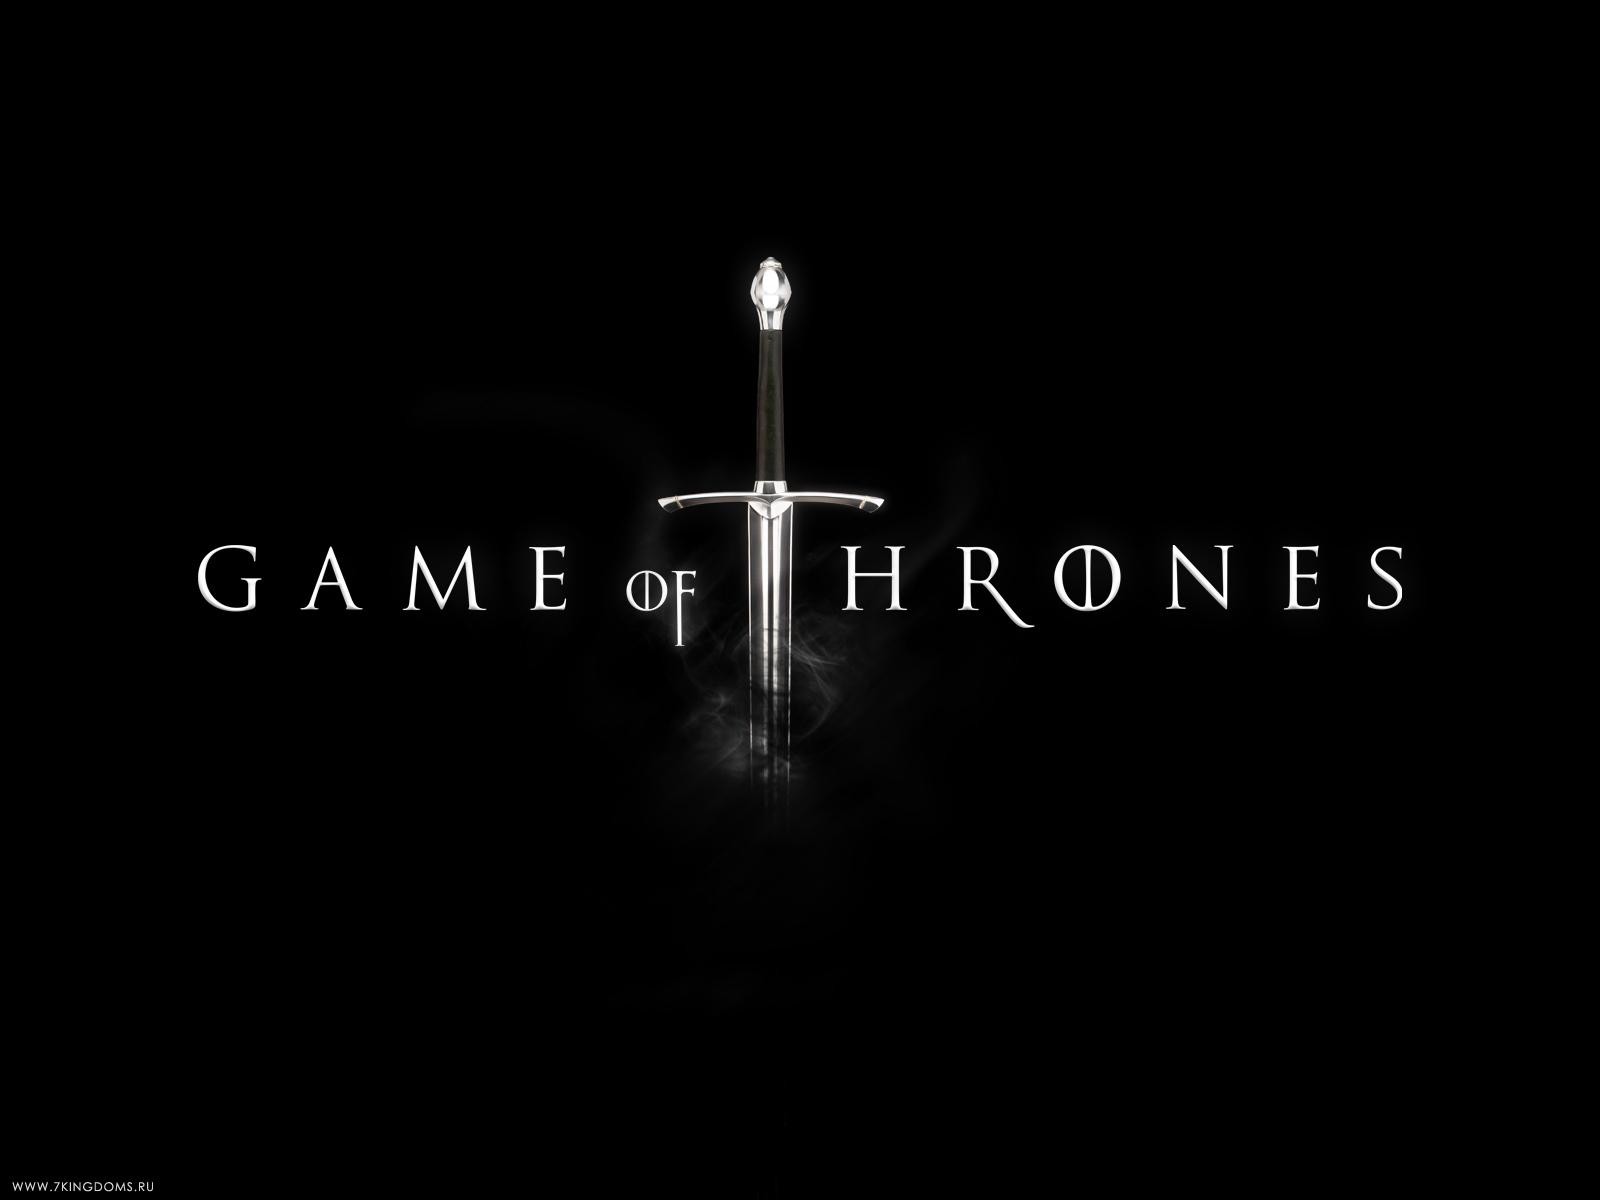 Game of thrones season 4 serie subthai / Wild orchid movie love scenes